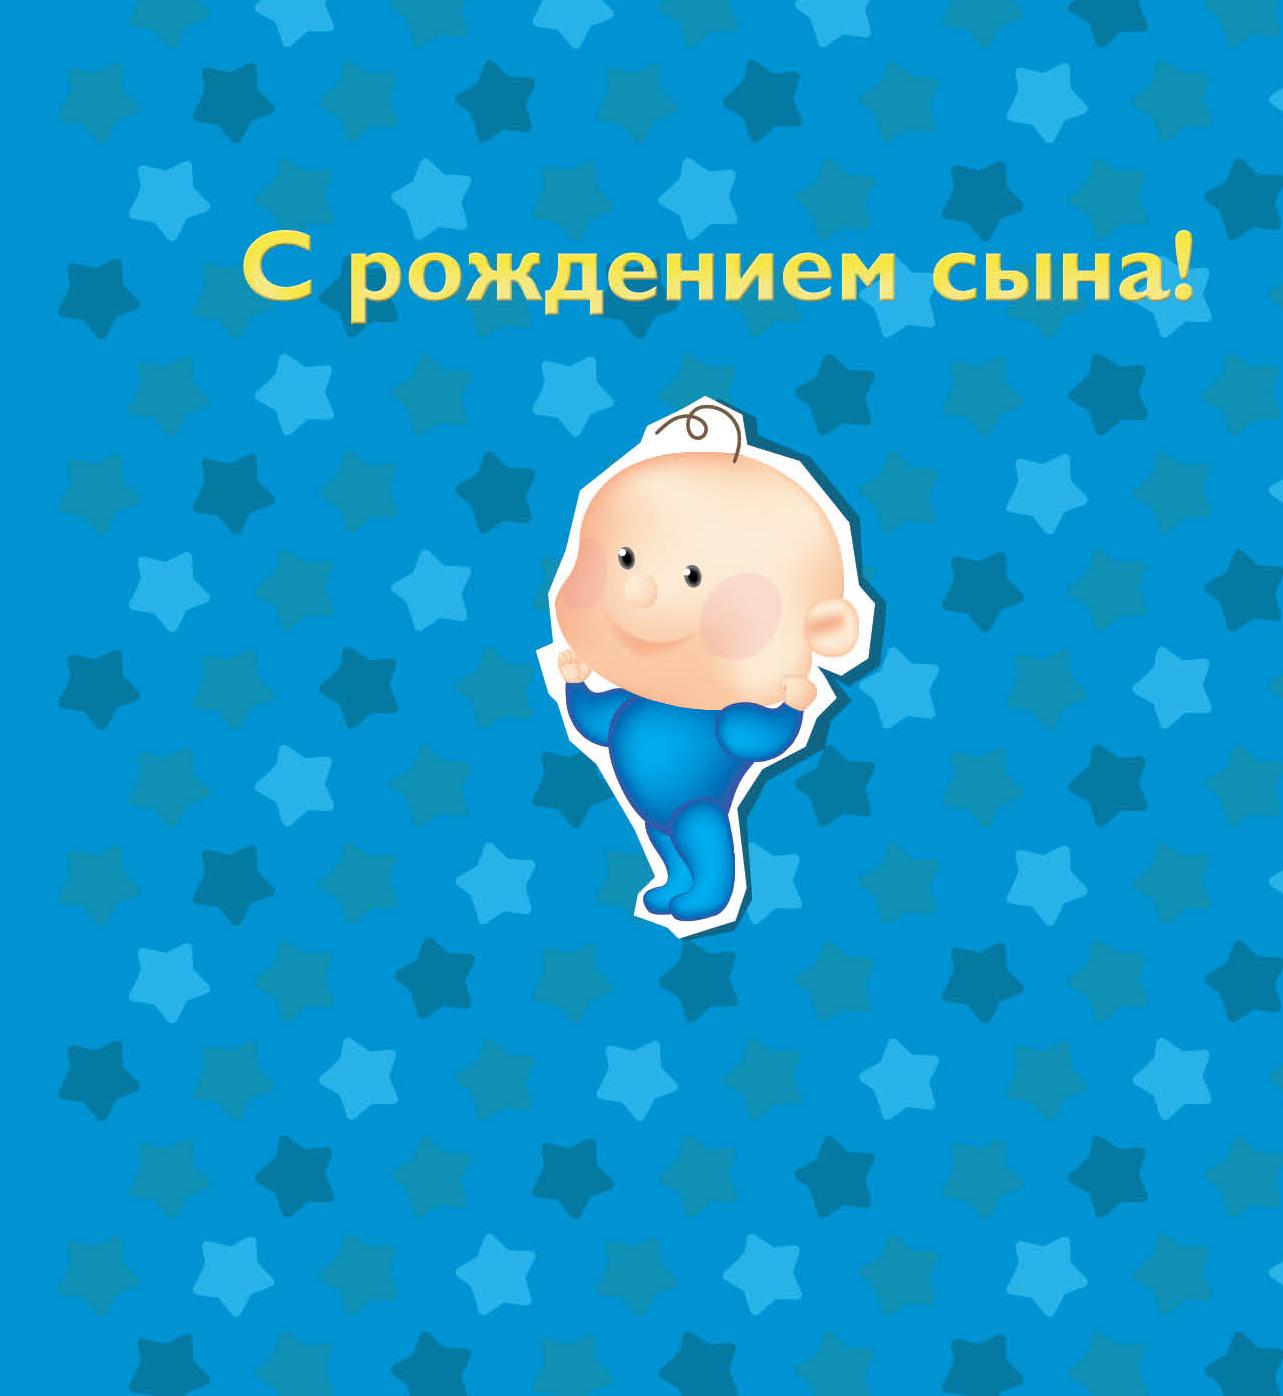 Поздравление дочке с рождением сына